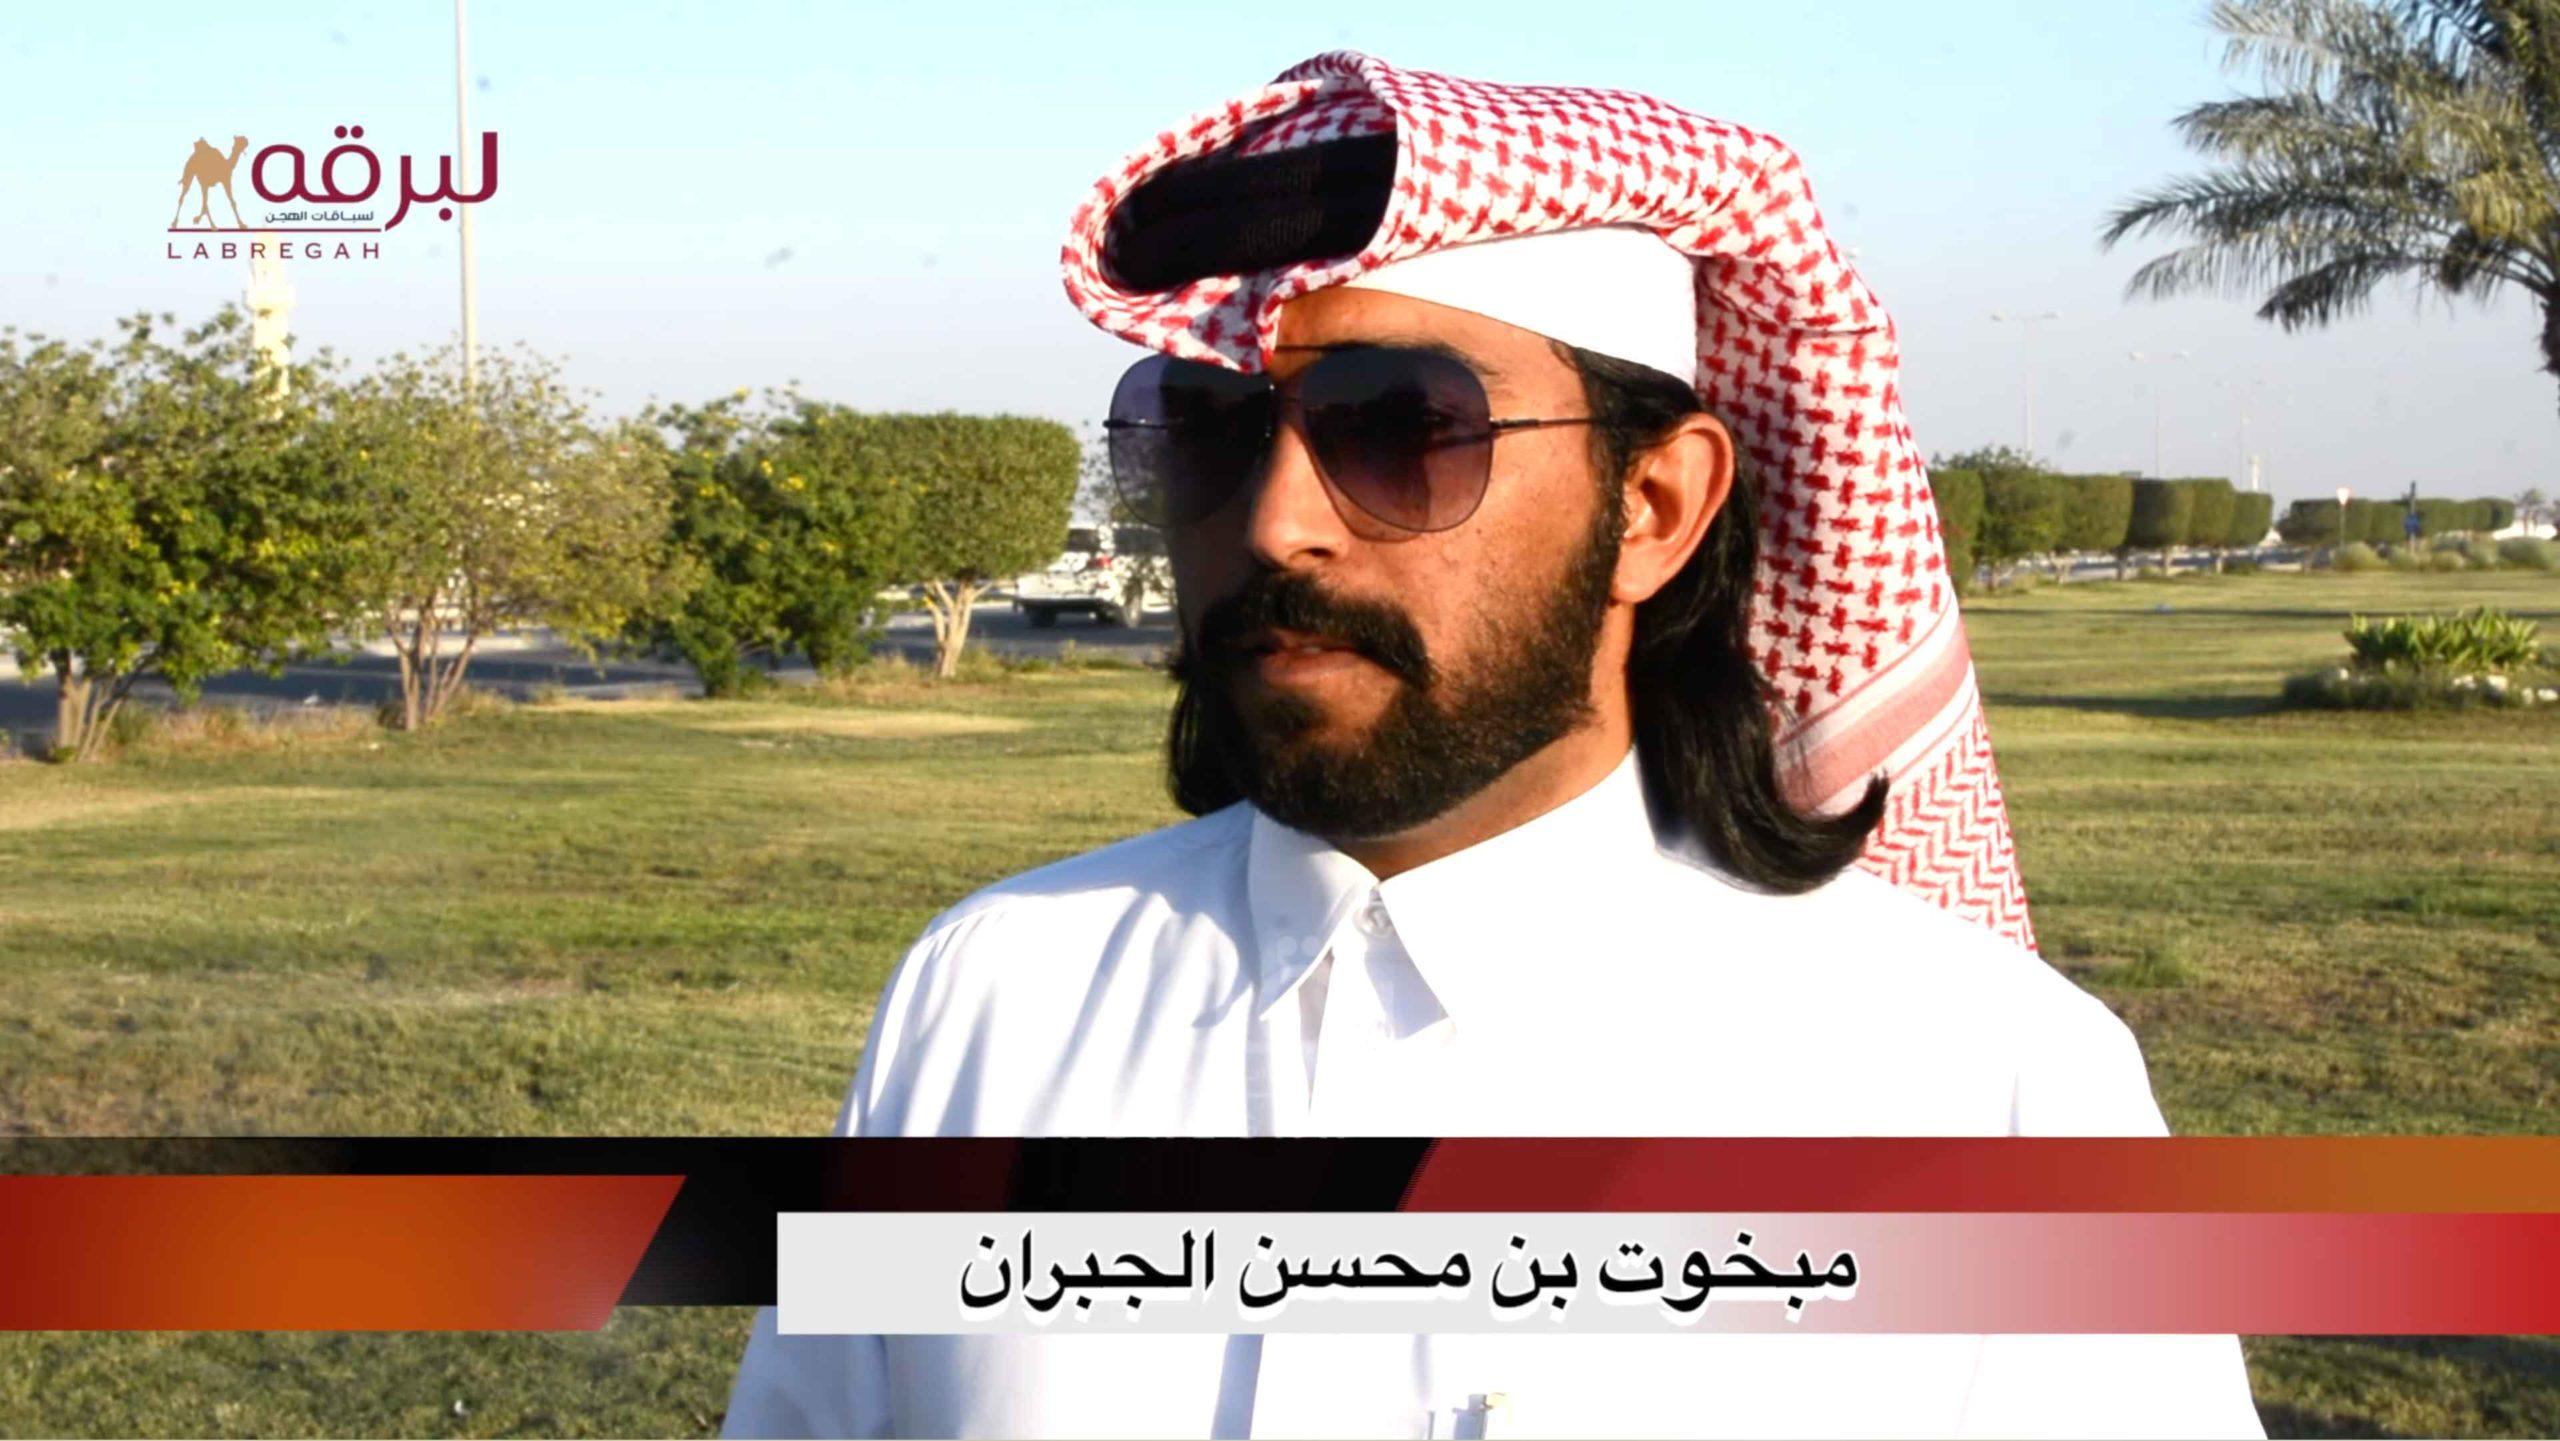 لقاء مع مبخوت بن محسن الجبران.. الشوط الرئيسي للحقايق بكار إنتاج الأشواط العامة مساء ٢٢-١٠-٢٠٢٠